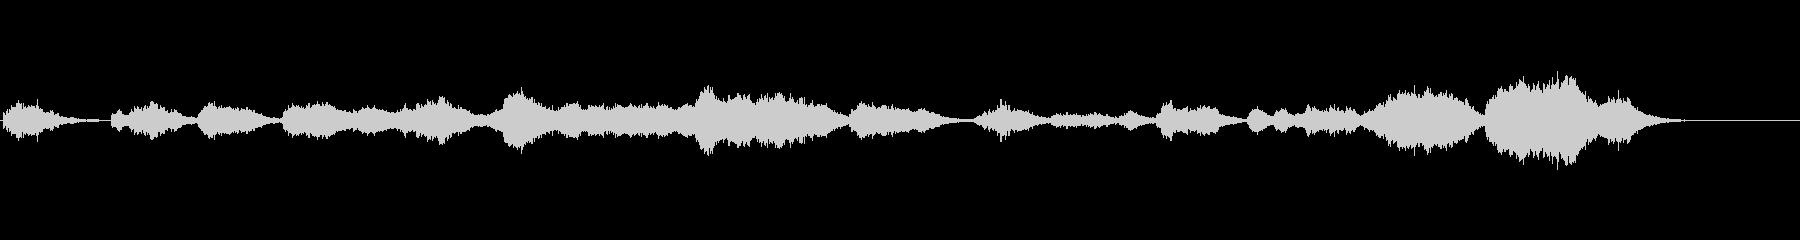 ホラー用アンビ系BGMの未再生の波形